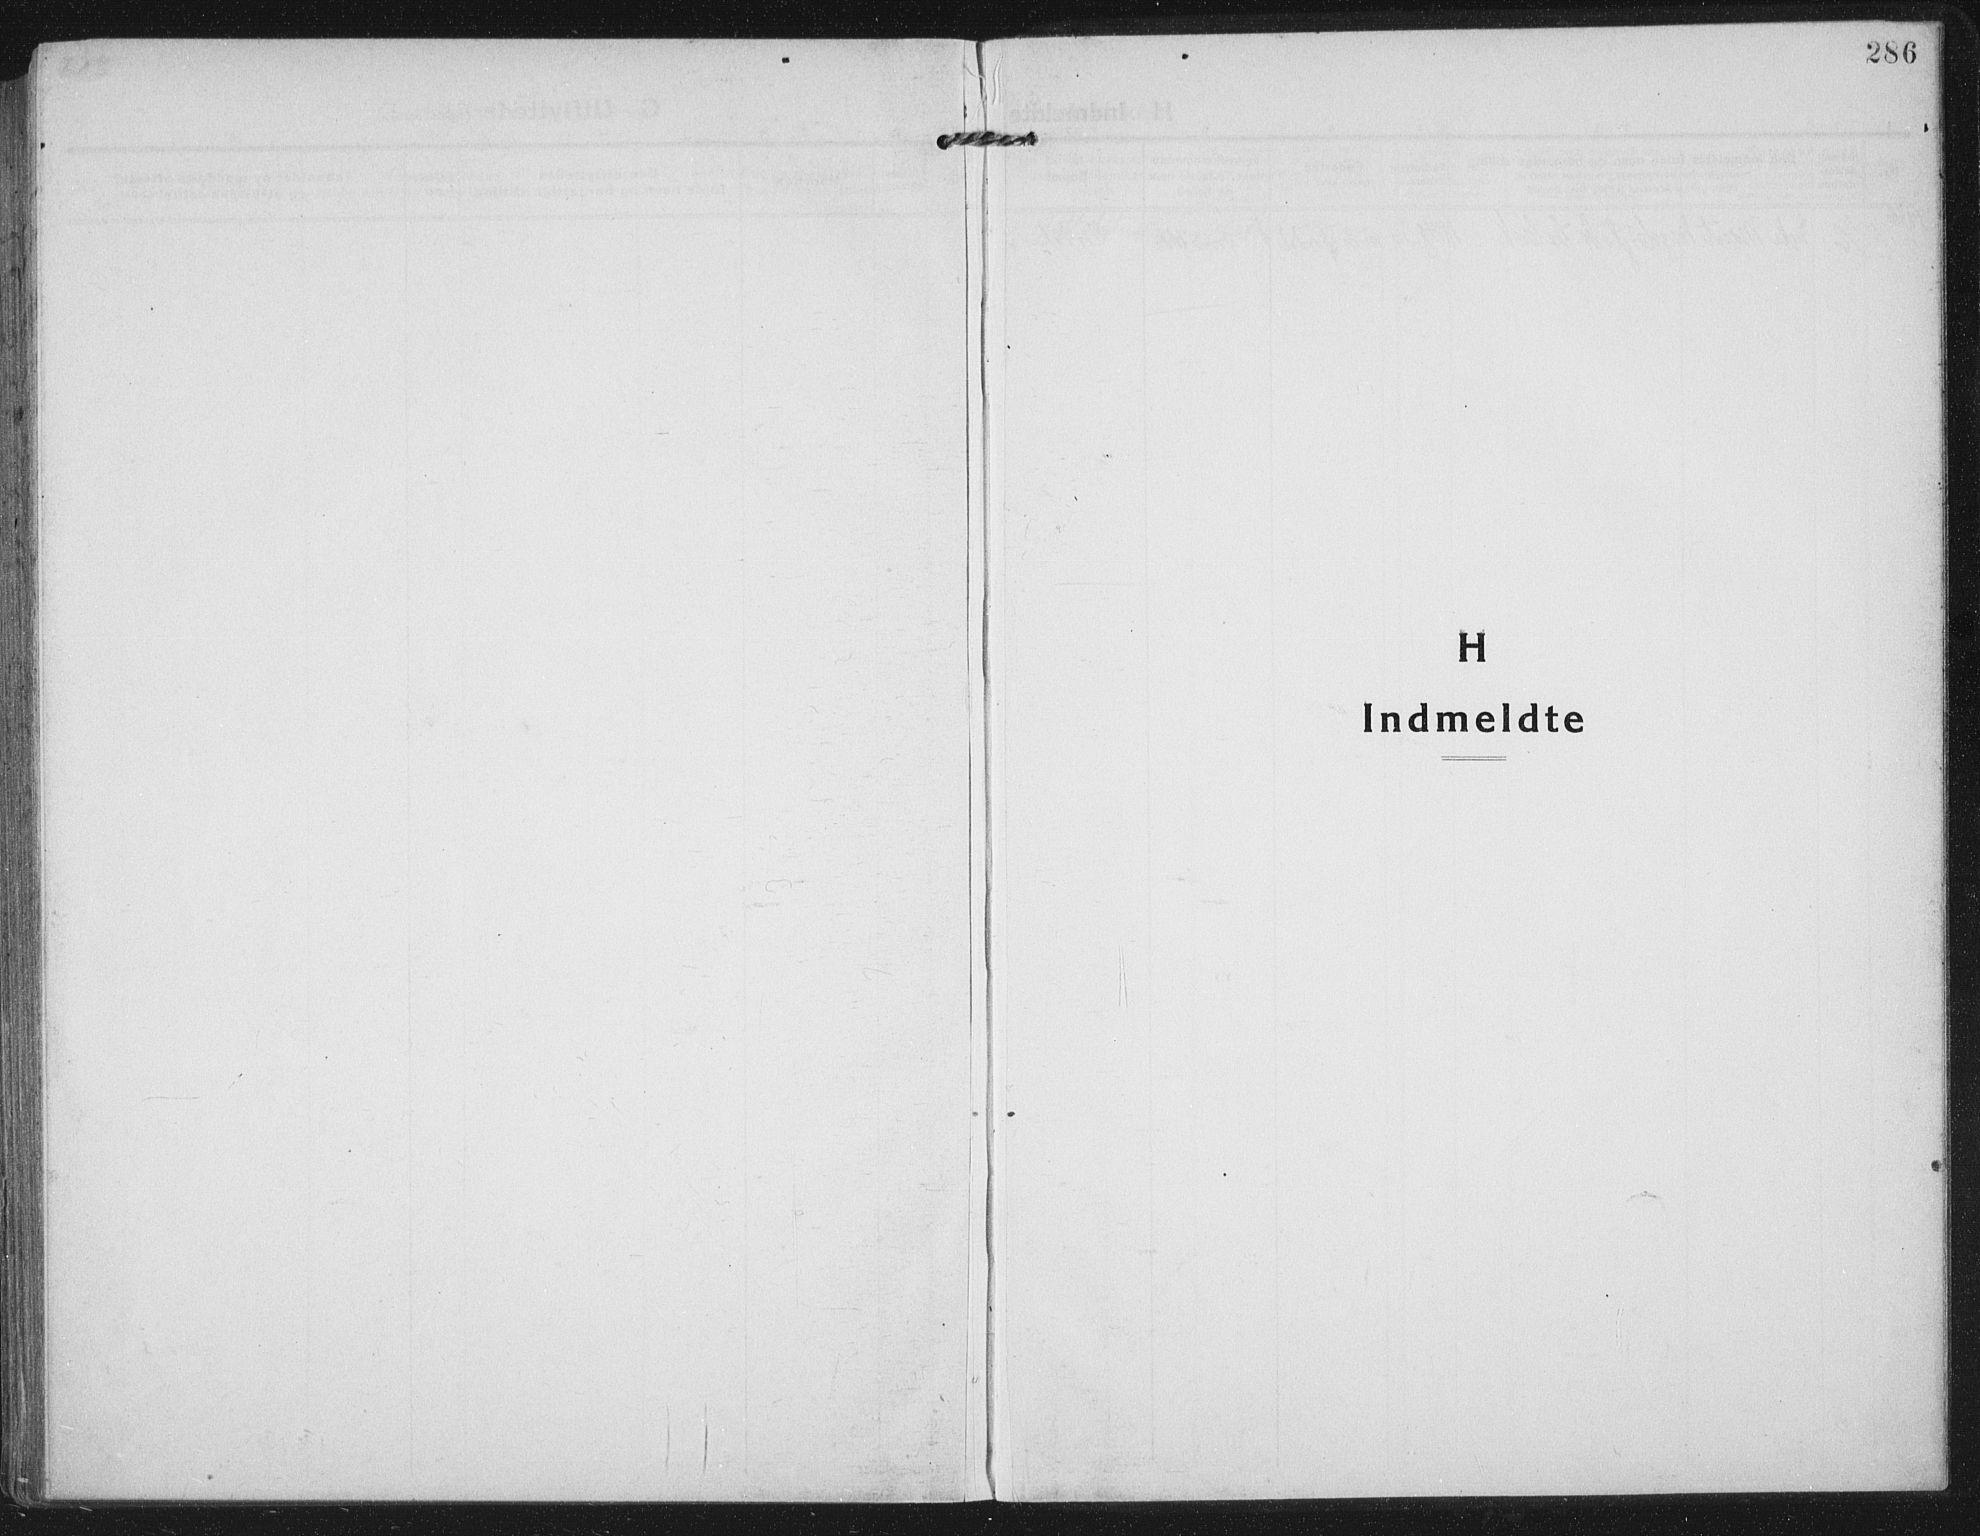 SAT, Ministerialprotokoller, klokkerbøker og fødselsregistre - Nord-Trøndelag, 709/L0083: Ministerialbok nr. 709A23, 1916-1928, s. 286